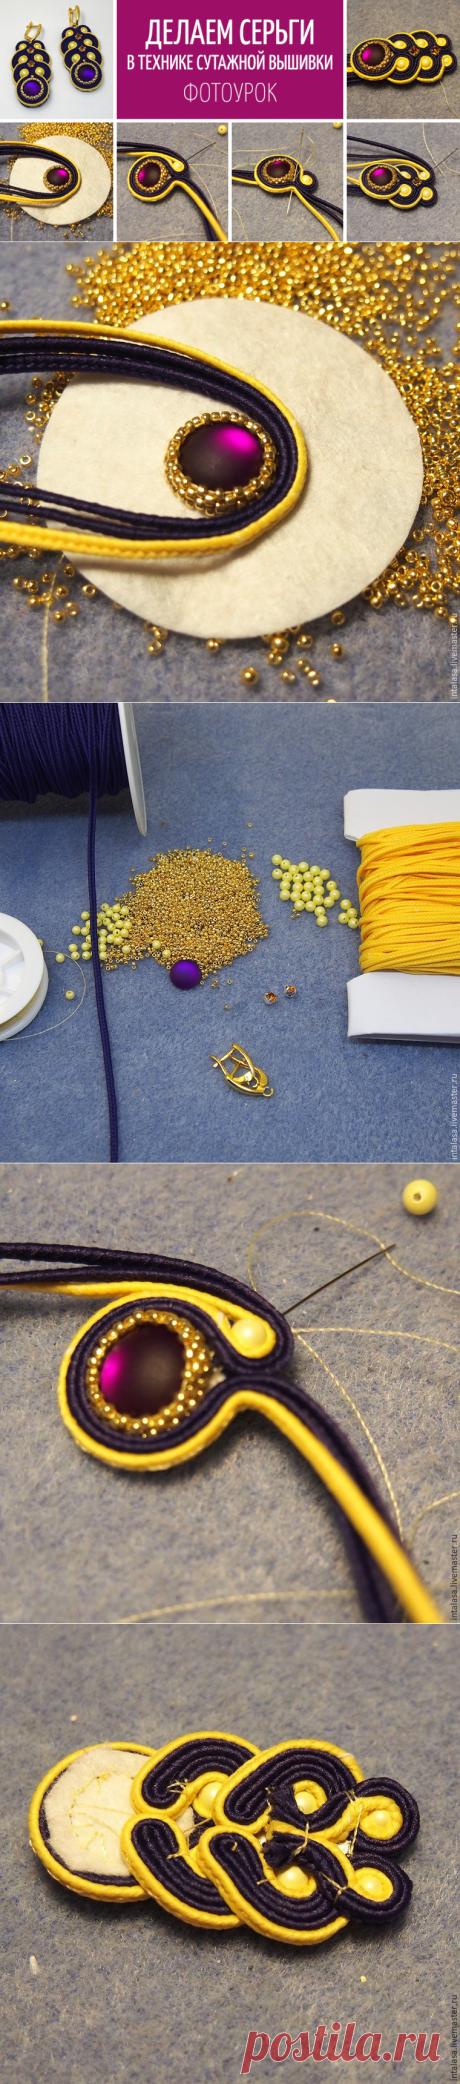 Делаем сережки в технике сутажной вышивки - Ярмарка Мастеров - ручная работа, handmade